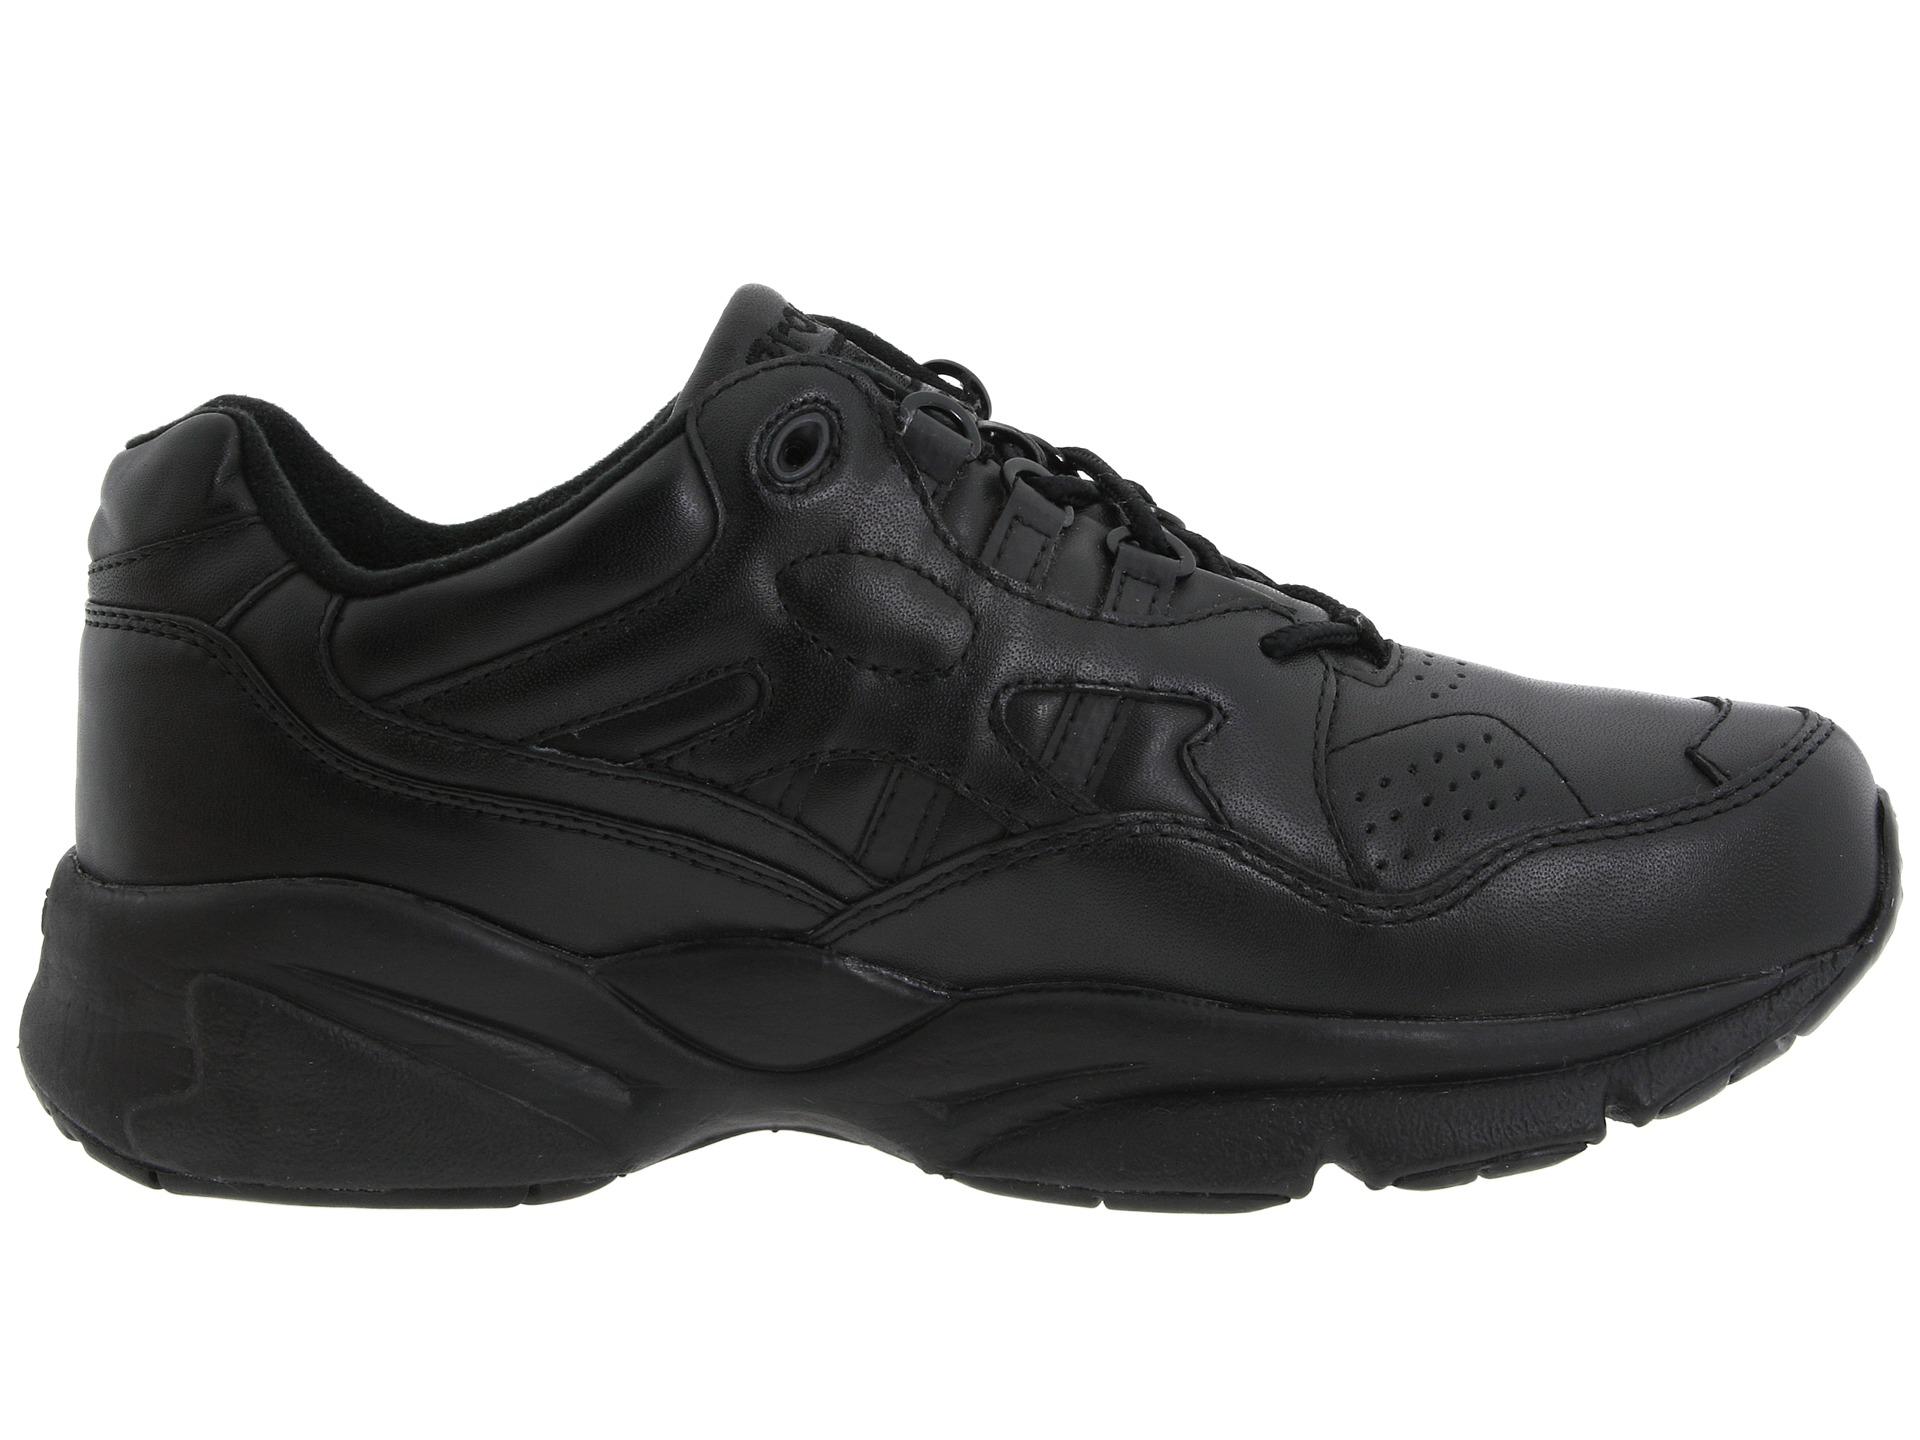 Danform Shoes Online